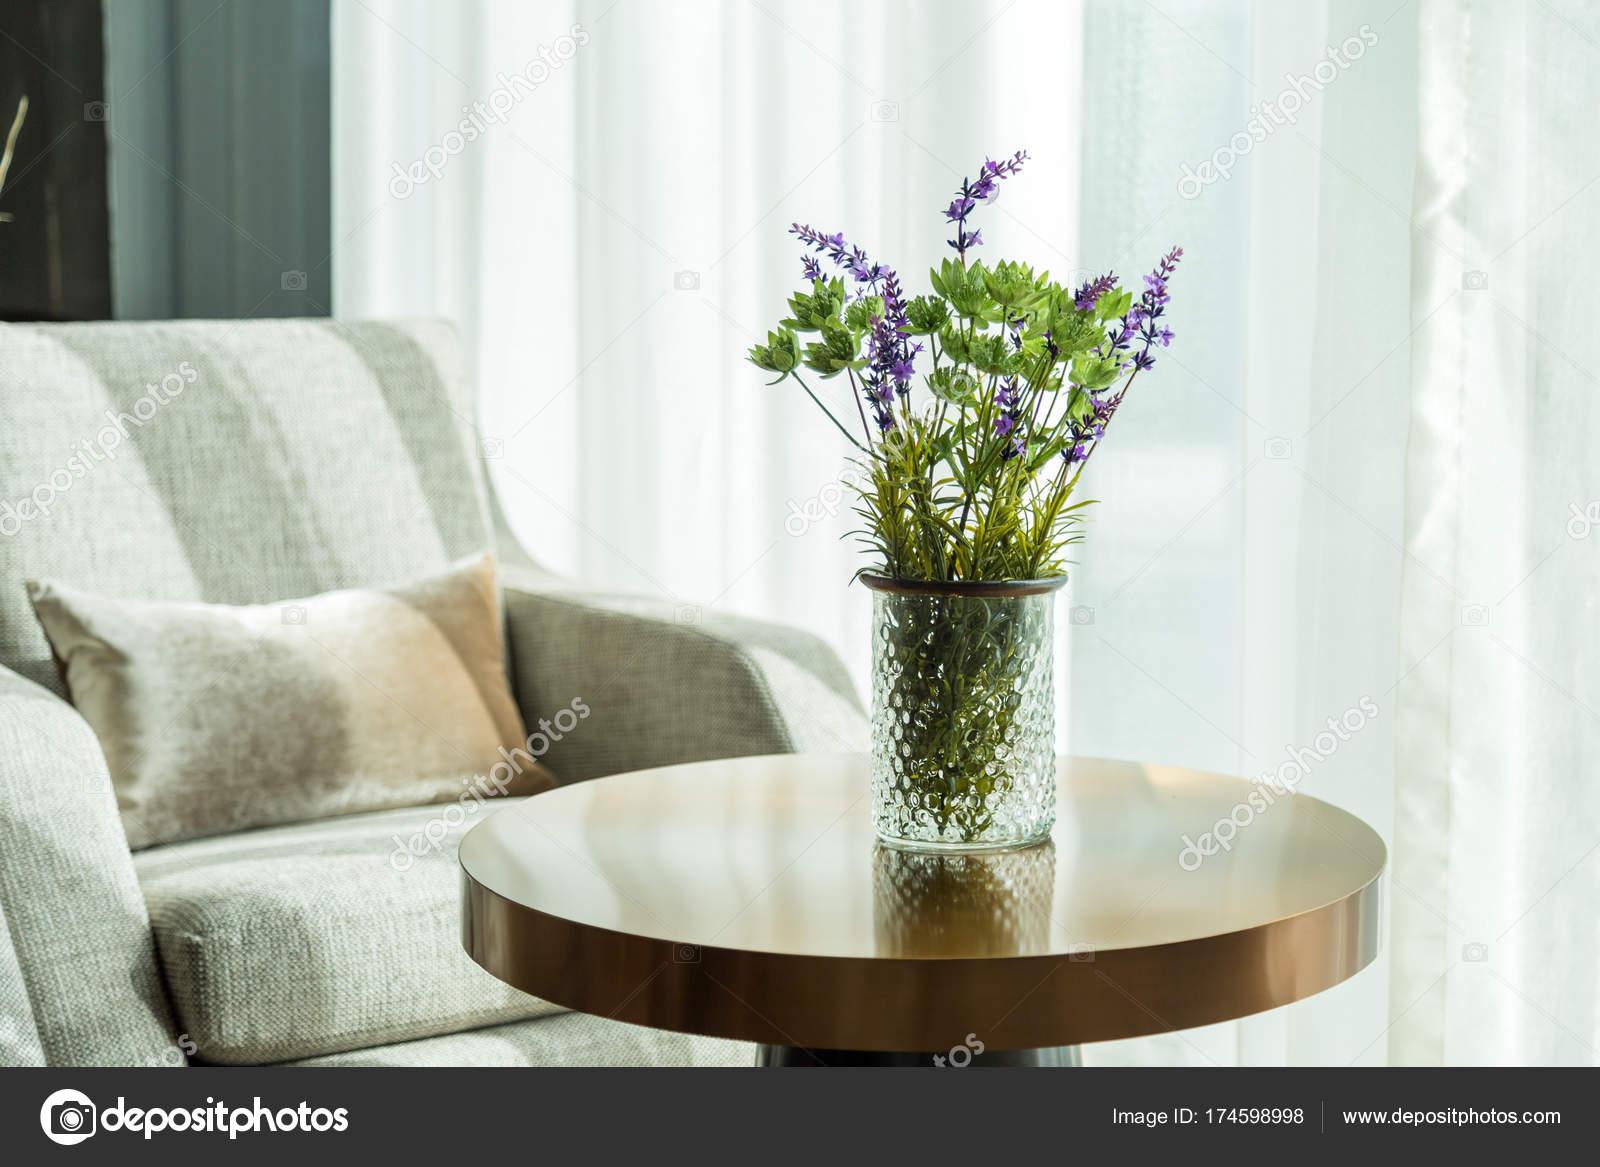 Grüne Blumen und lila Blumen in Vase auf dem Tisch im Wohnzimmer ...